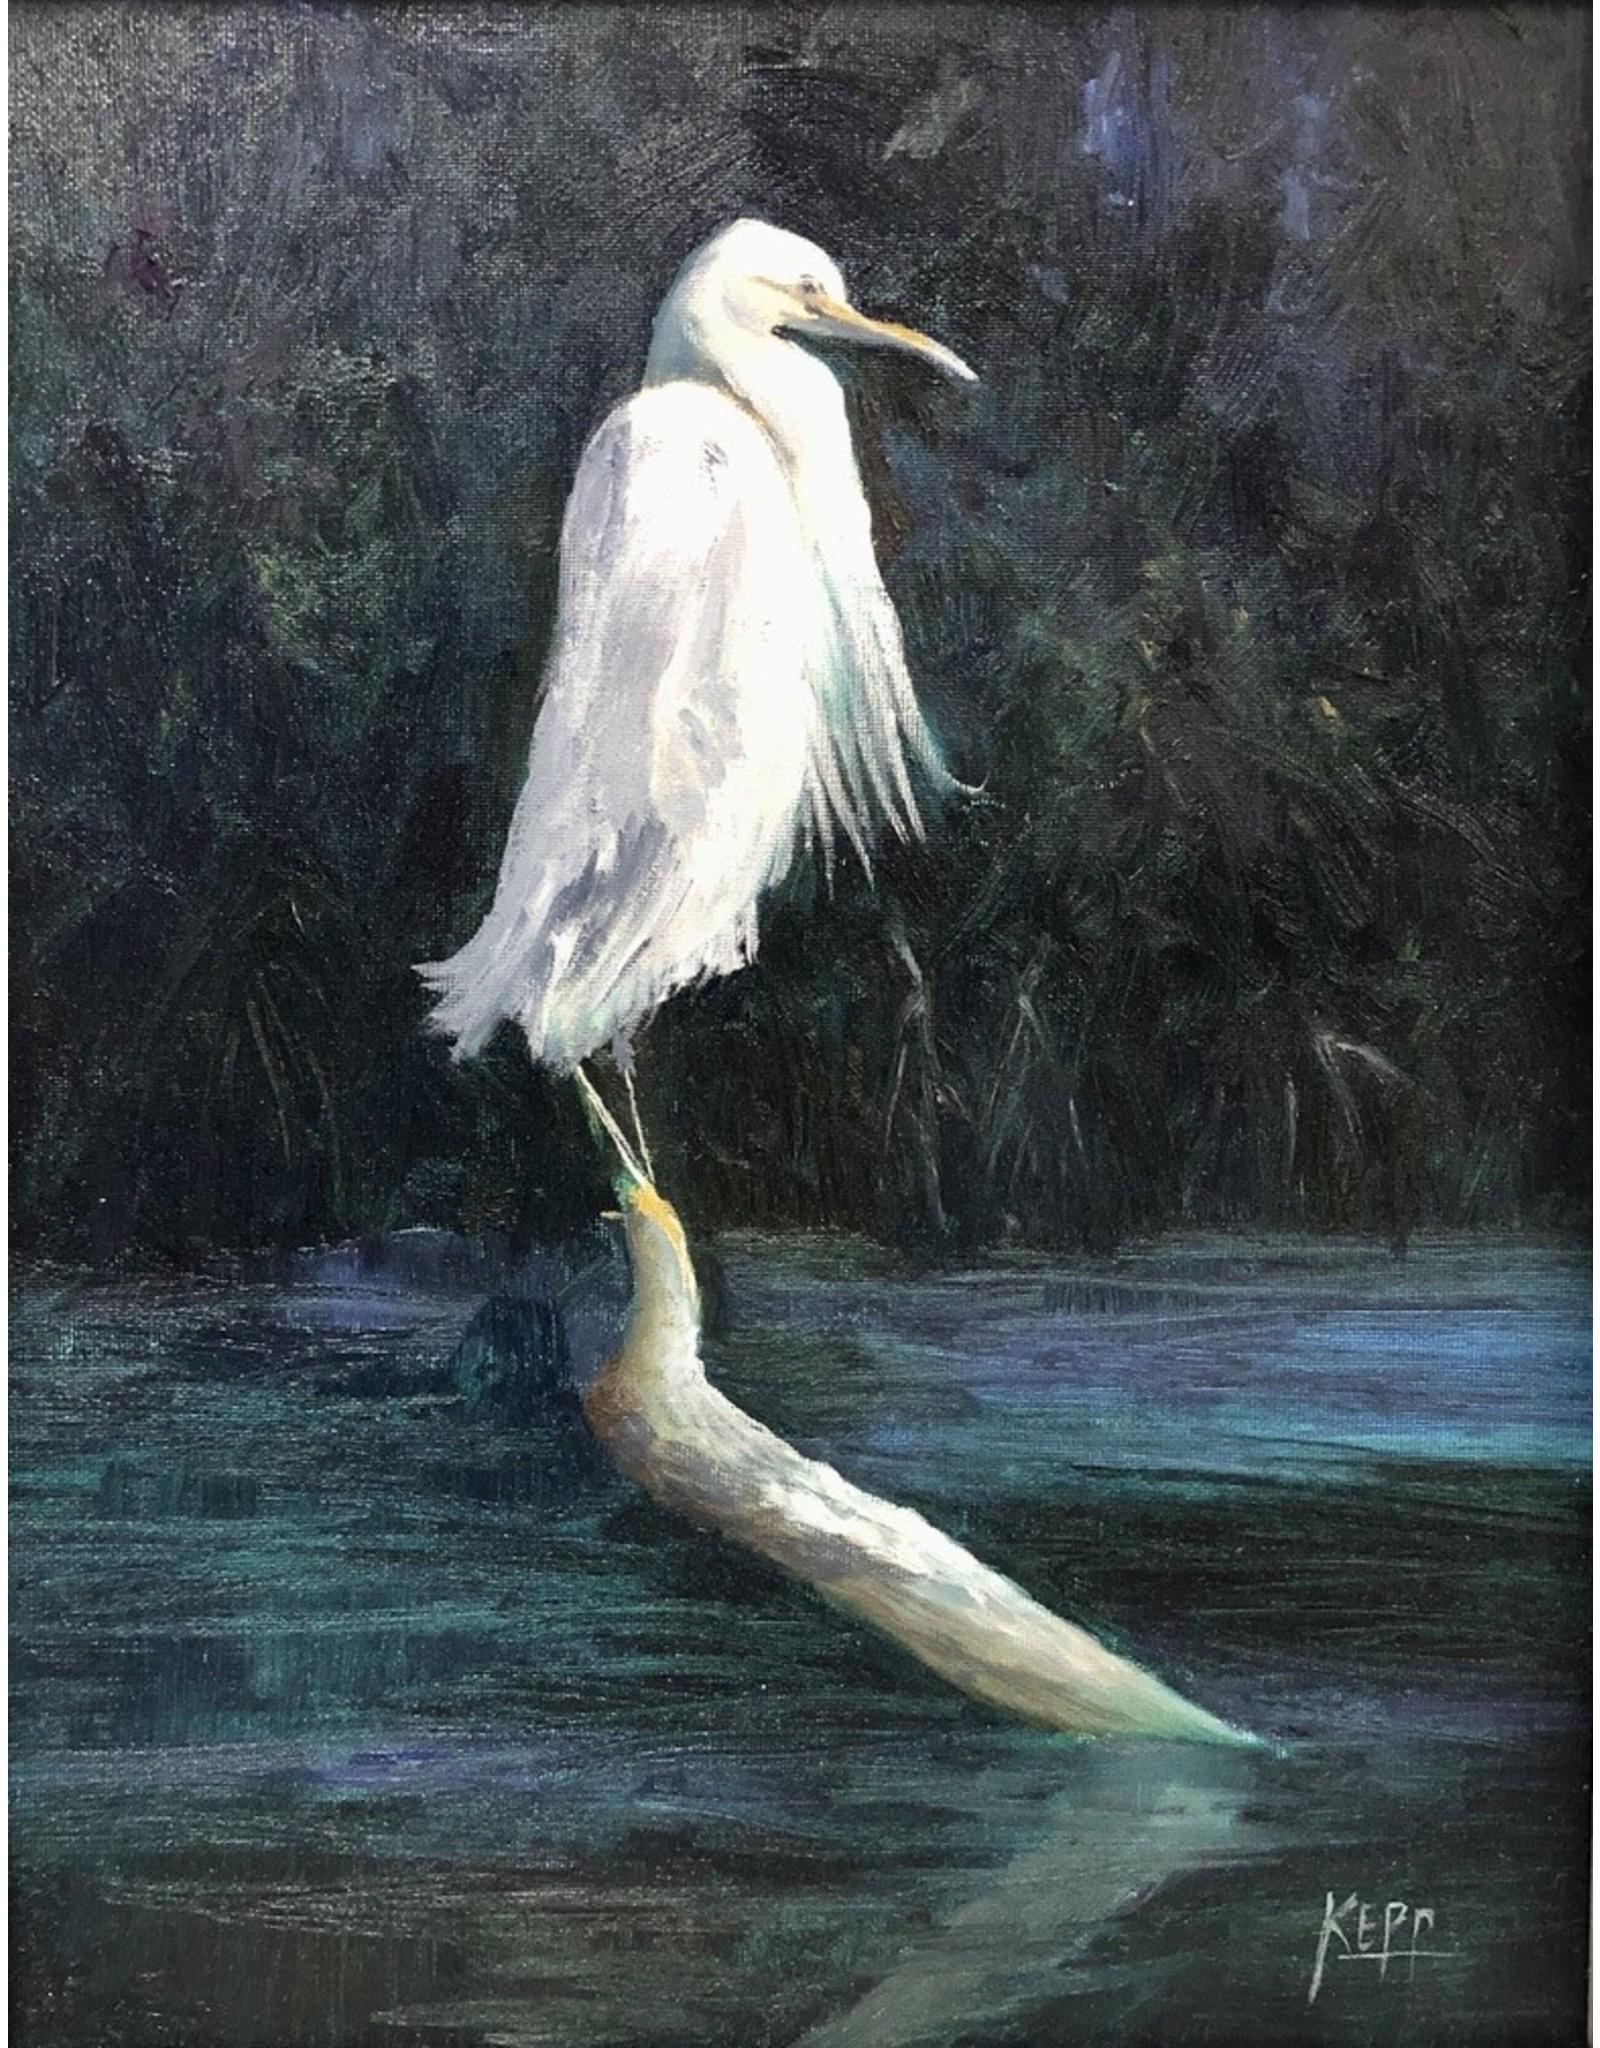 Carol Kepp Egret Charley (Original Oil, 11x14, Framed, Signed)